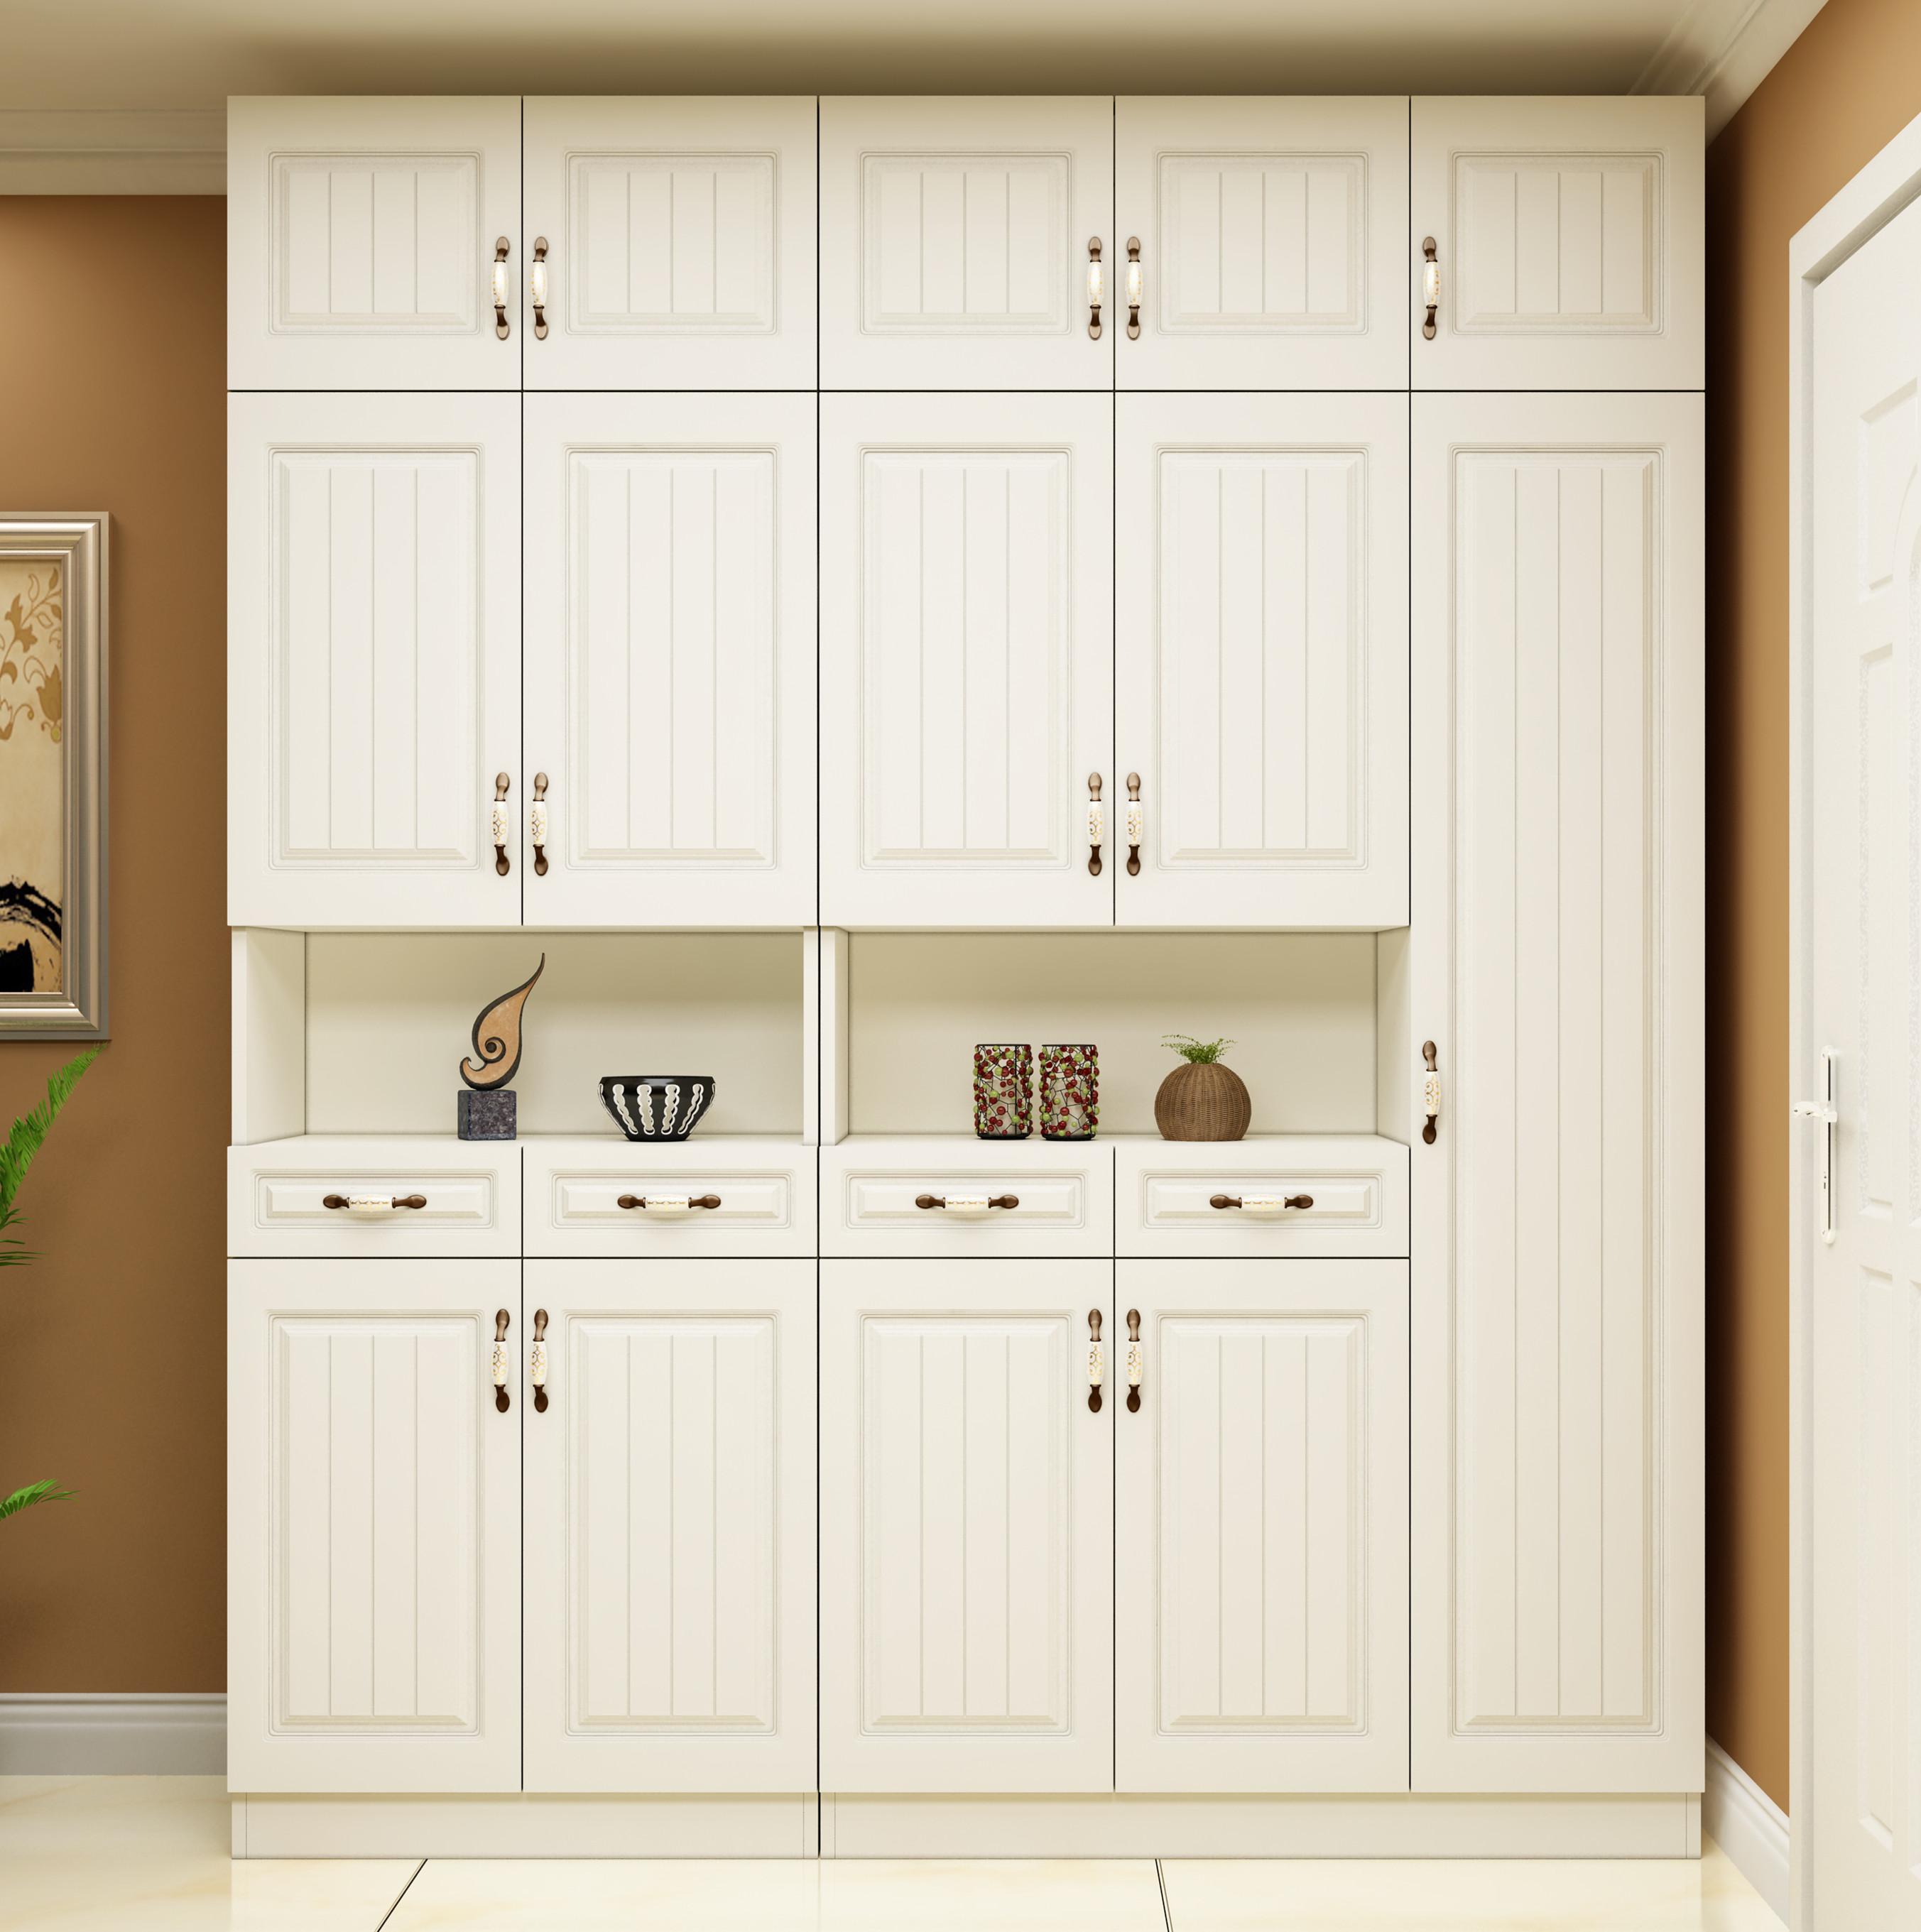 鞋柜家用门口大容量玄关柜一体满墙门厅柜进门入户靠墙阳台储物柜